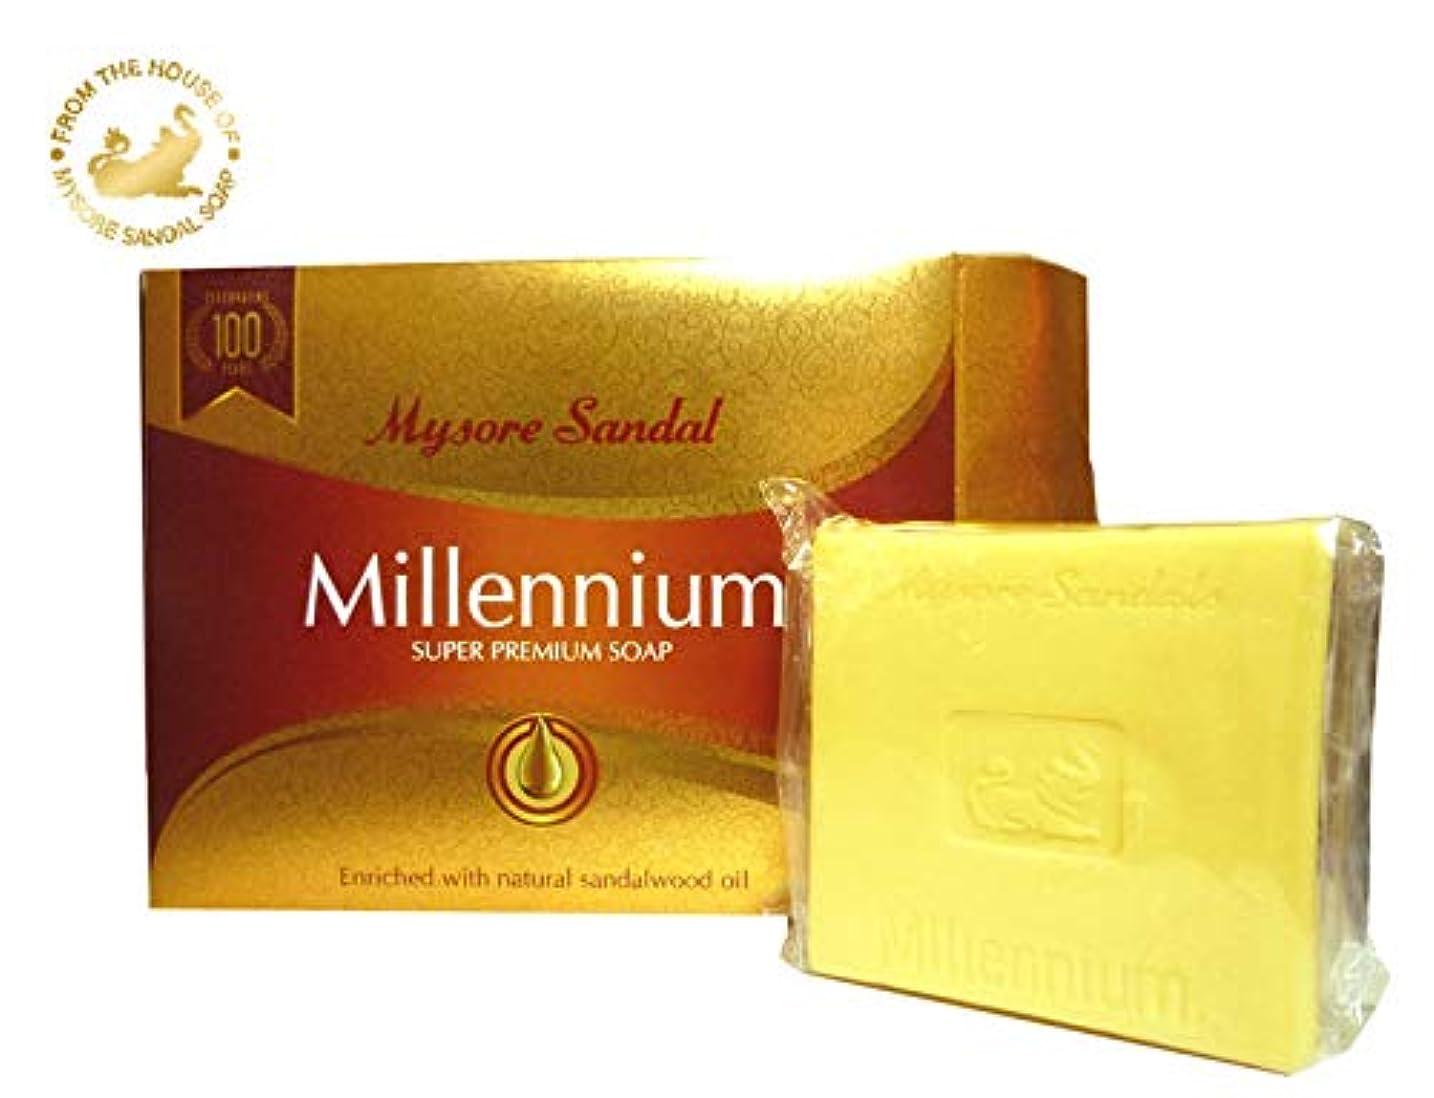 インセンティブ抽象捨てるマイソール サンダル ミレニアム スーパー プレミアムソープ 150g mysore Super Premium Soap